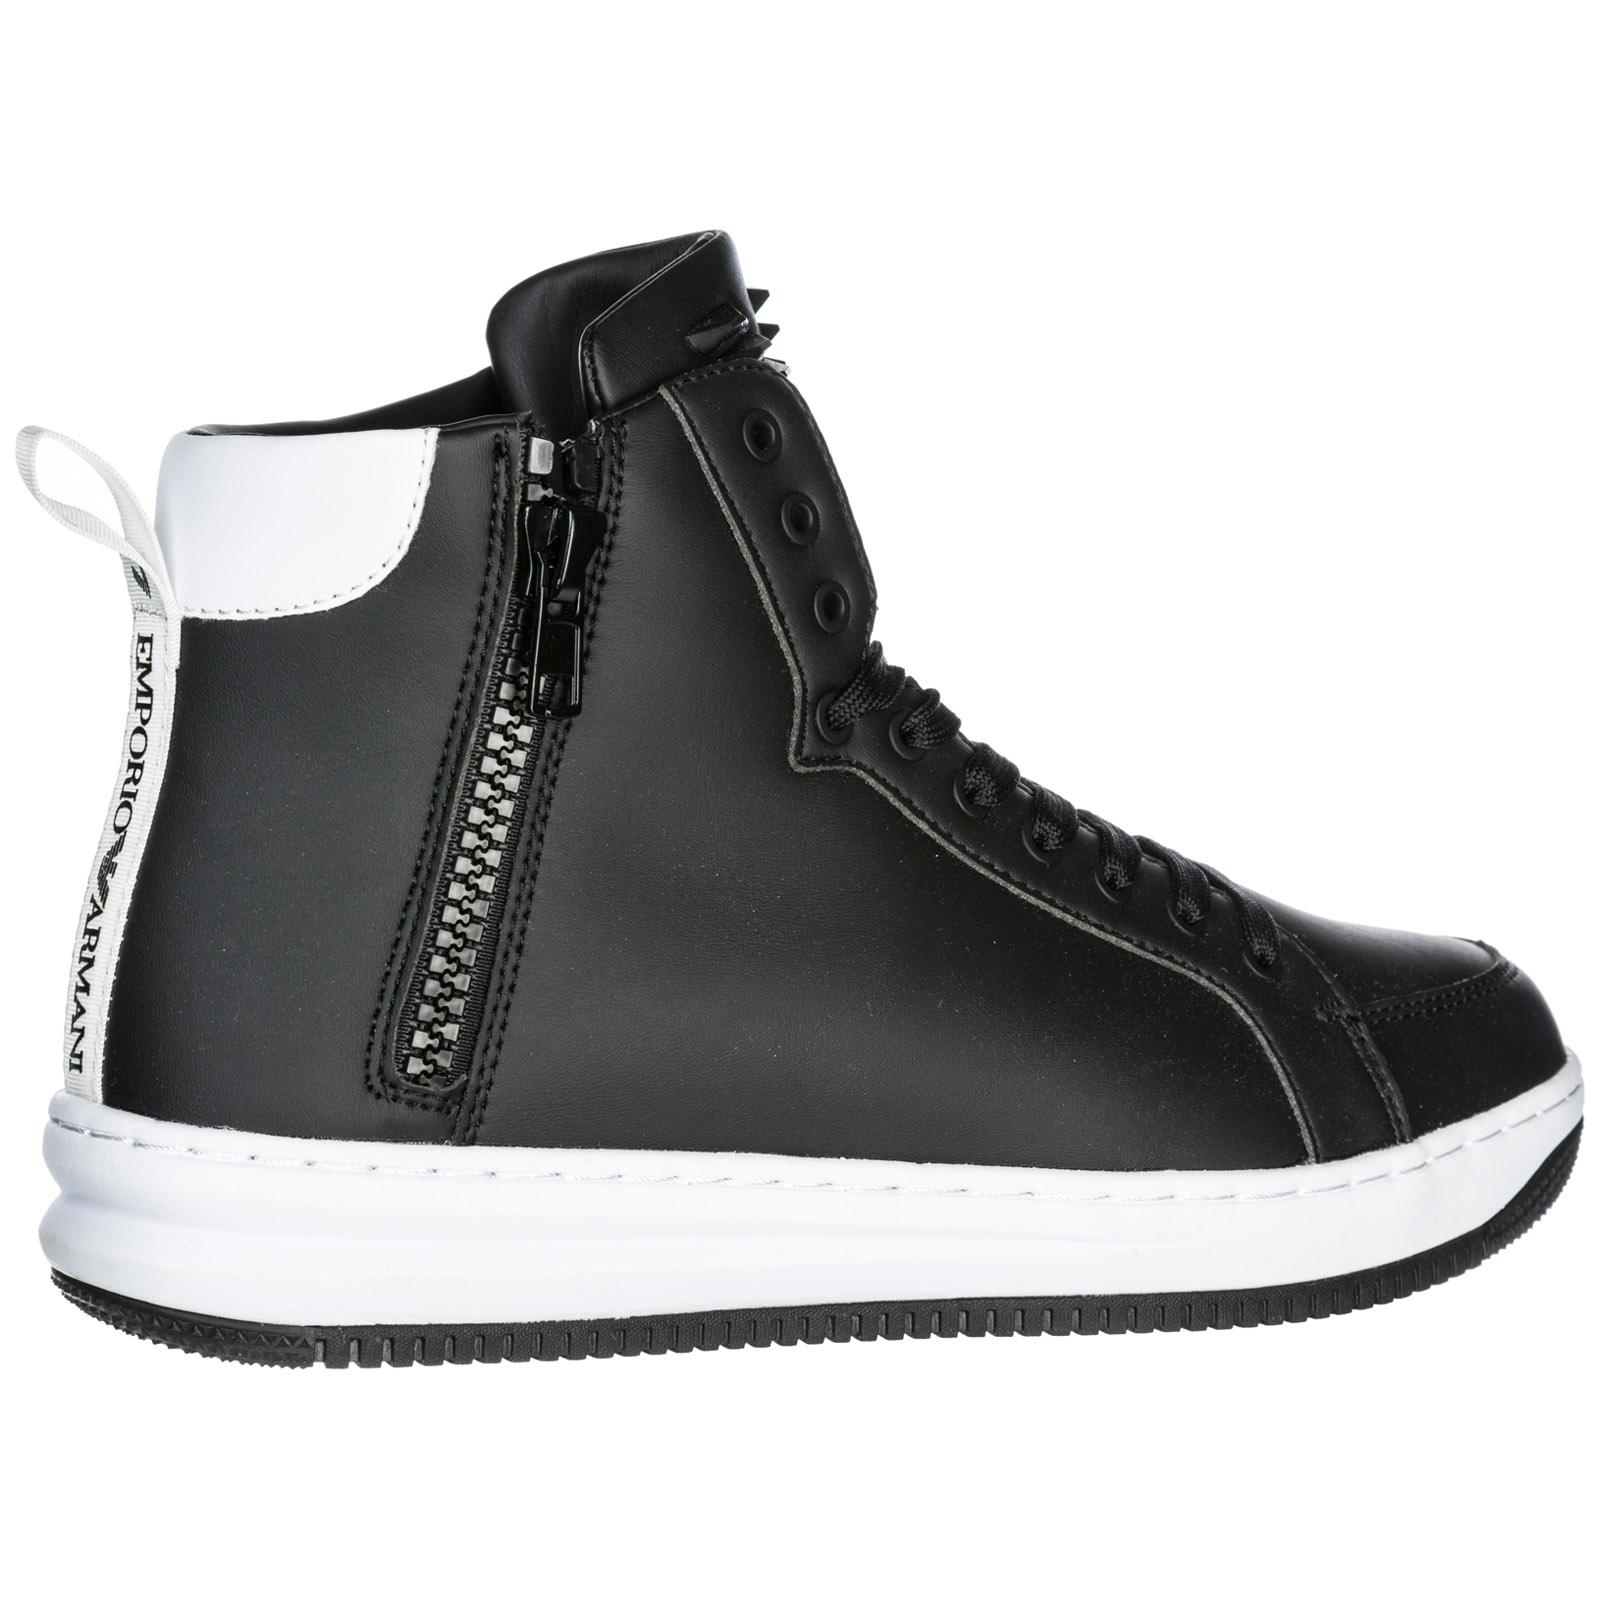 Sneakers alte Emporio Armani EA7 X8Z007XK02500002 nero  94230fc5be8